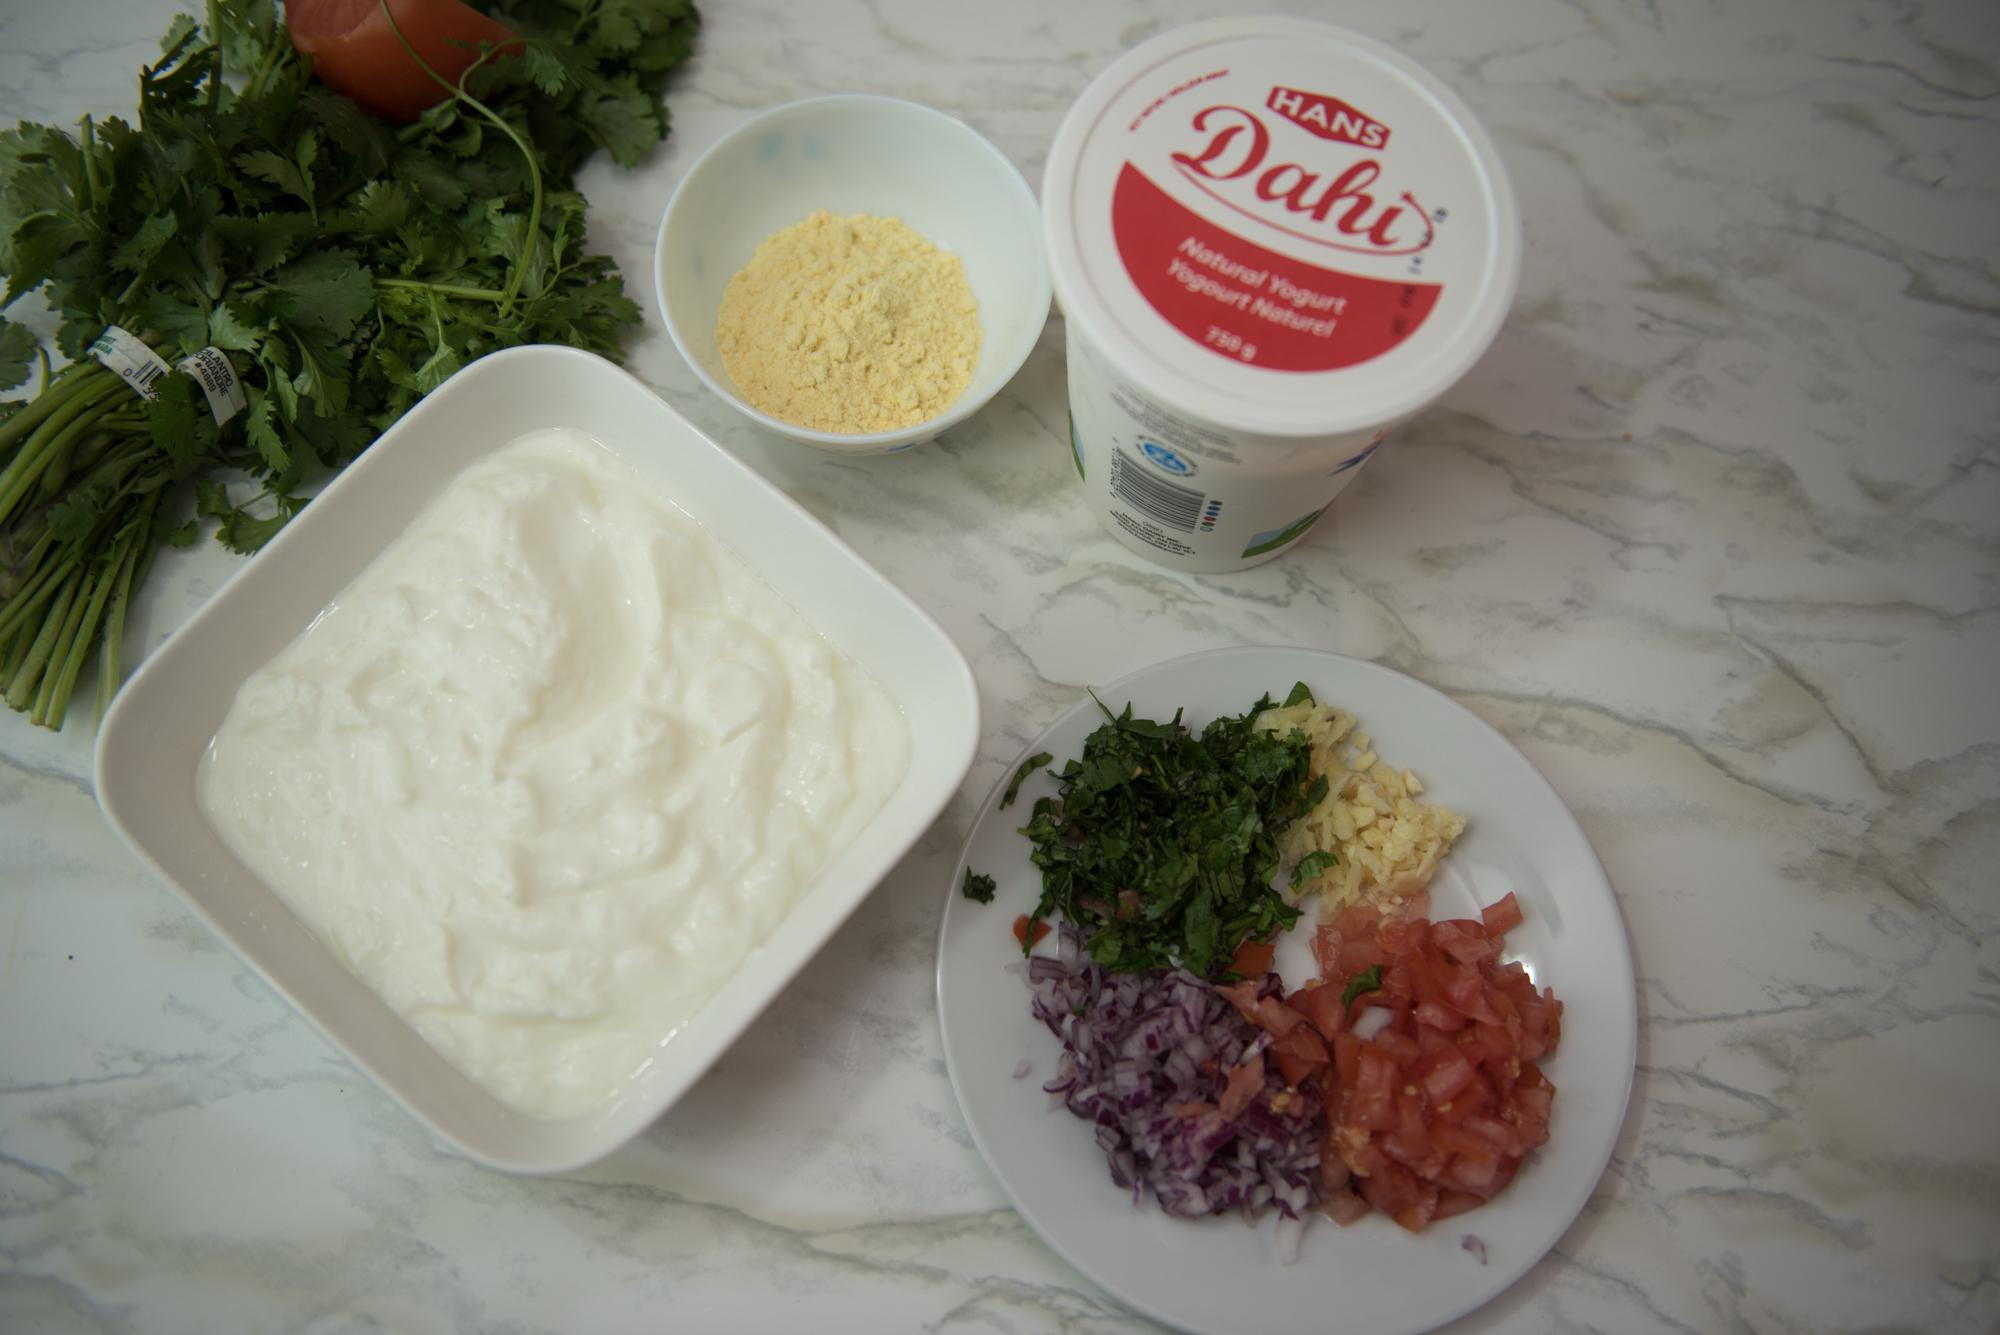 dahi tadka recipe